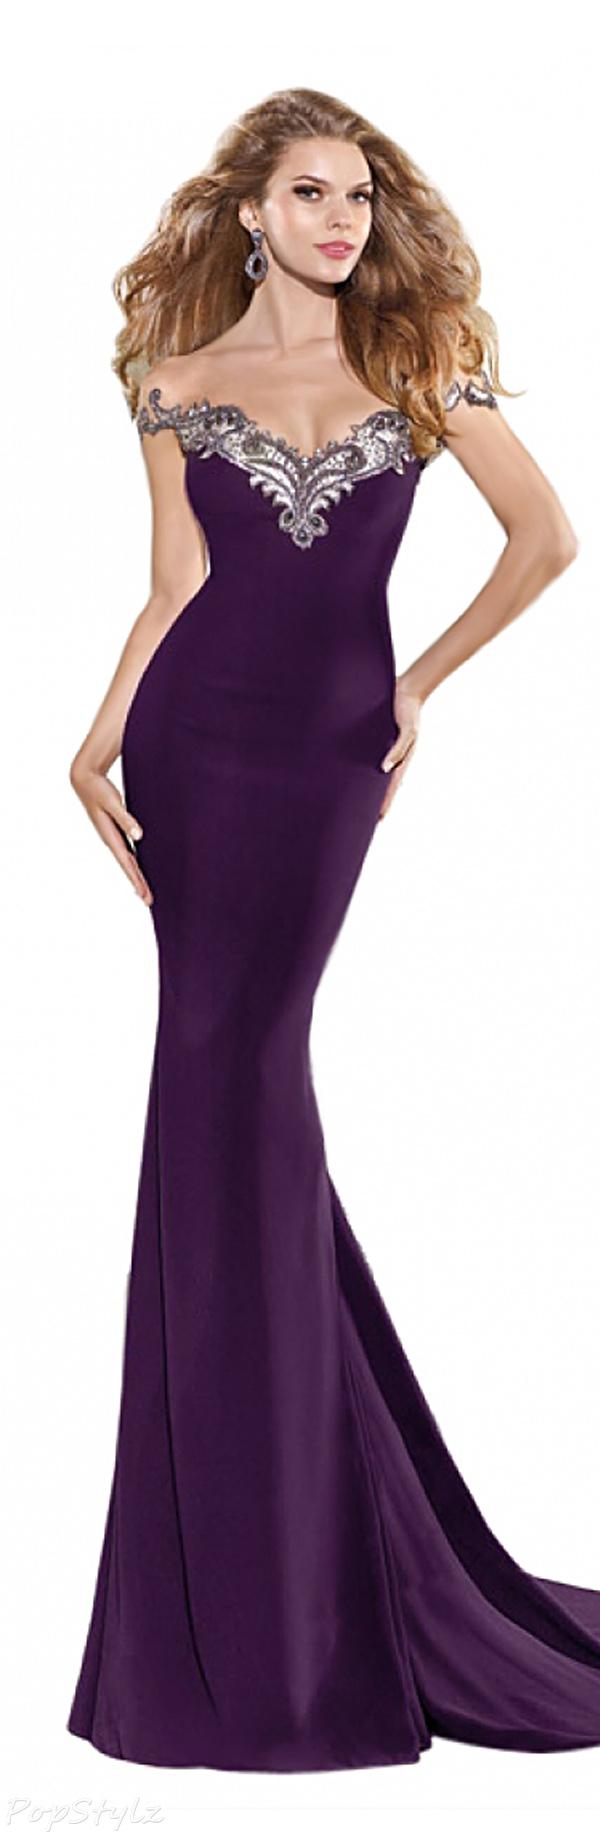 Tarik Ediz 92338 Evening Gown